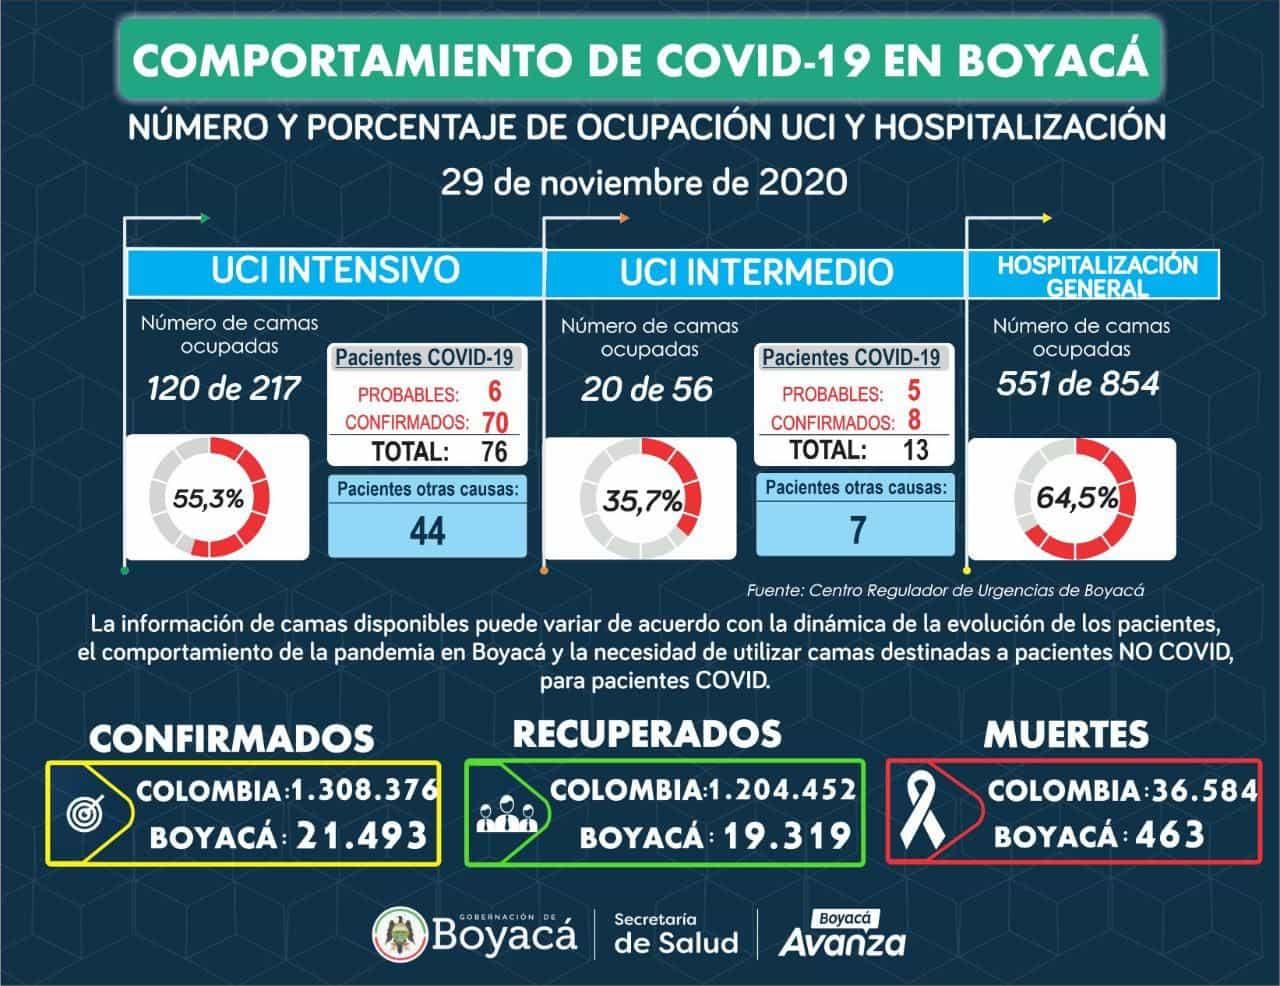 Este domingo se confirmaron 178 nuevos casos y siete fallecimientos asociados a COVID-19 en Boyacá 2